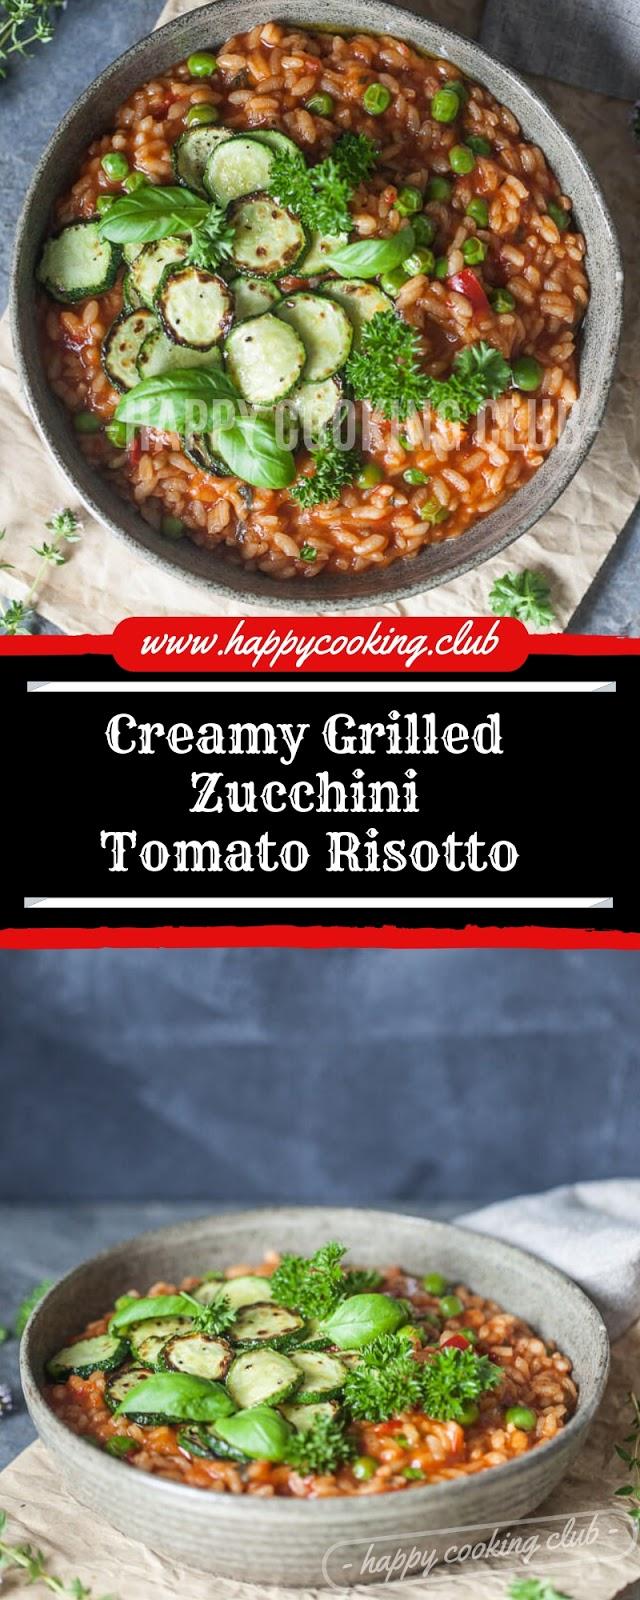 Creamy Grilled Zucchini Tomato Risotto